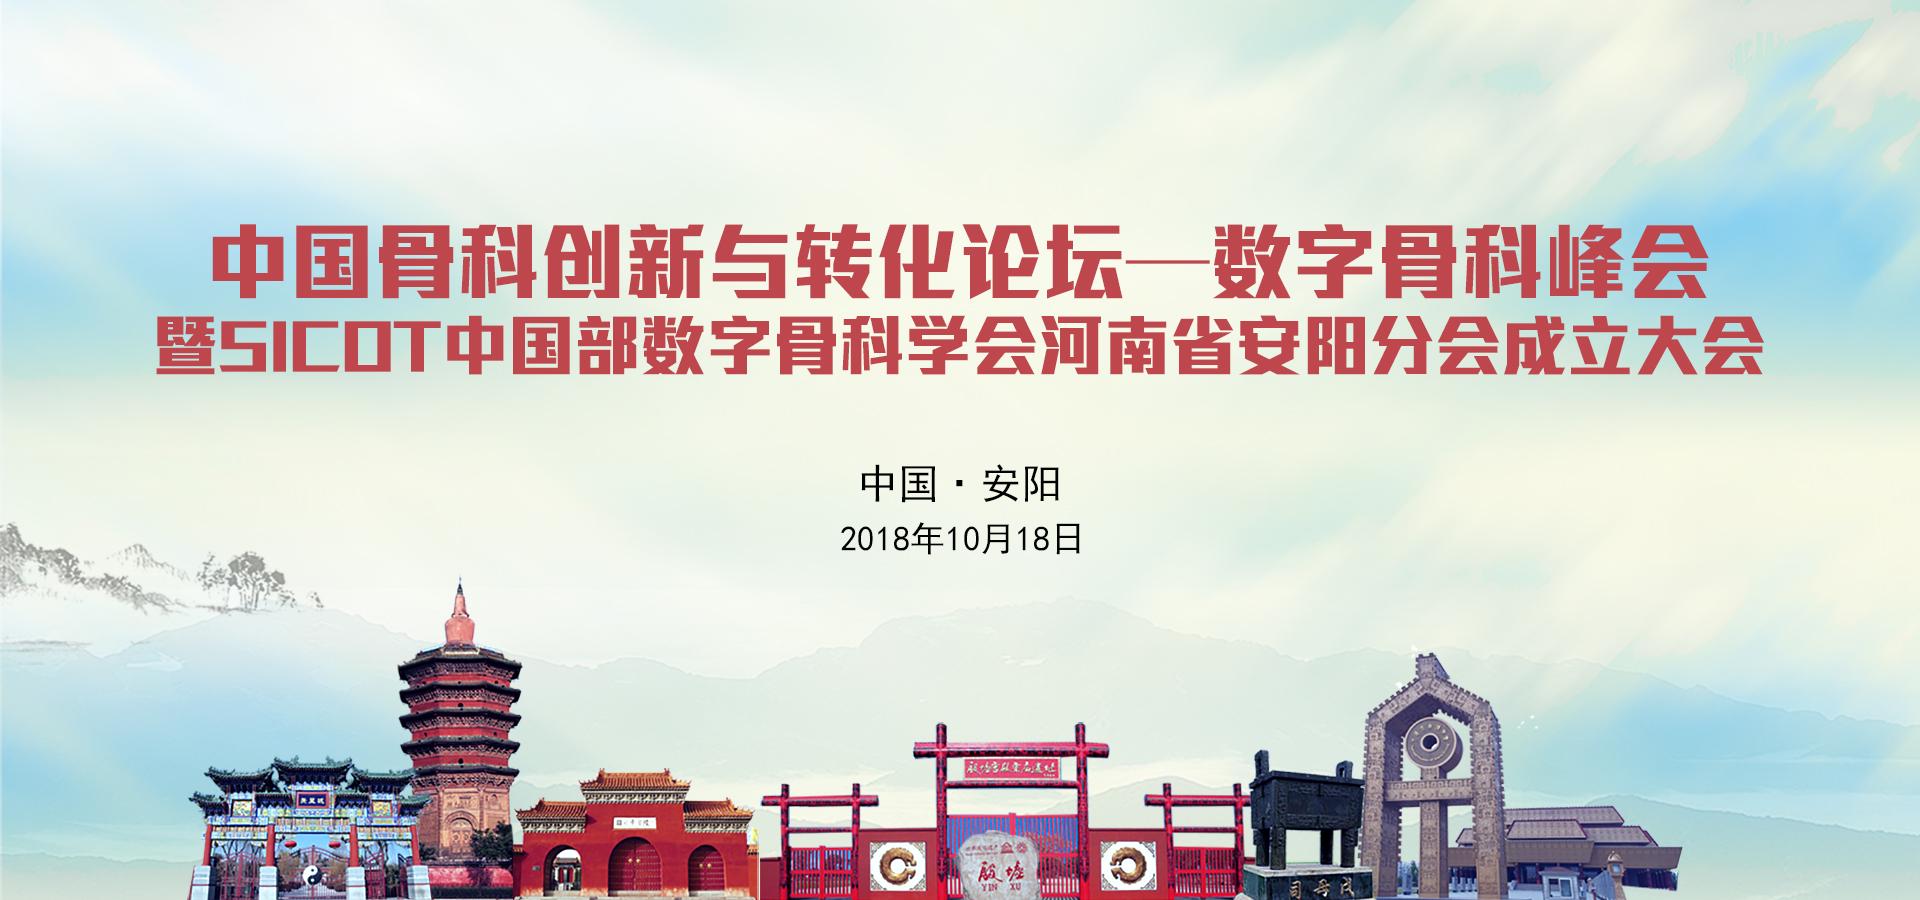 中国万博手机iOS创新与转化论坛-数字万博手机iOS峰会 暨SICOT中国